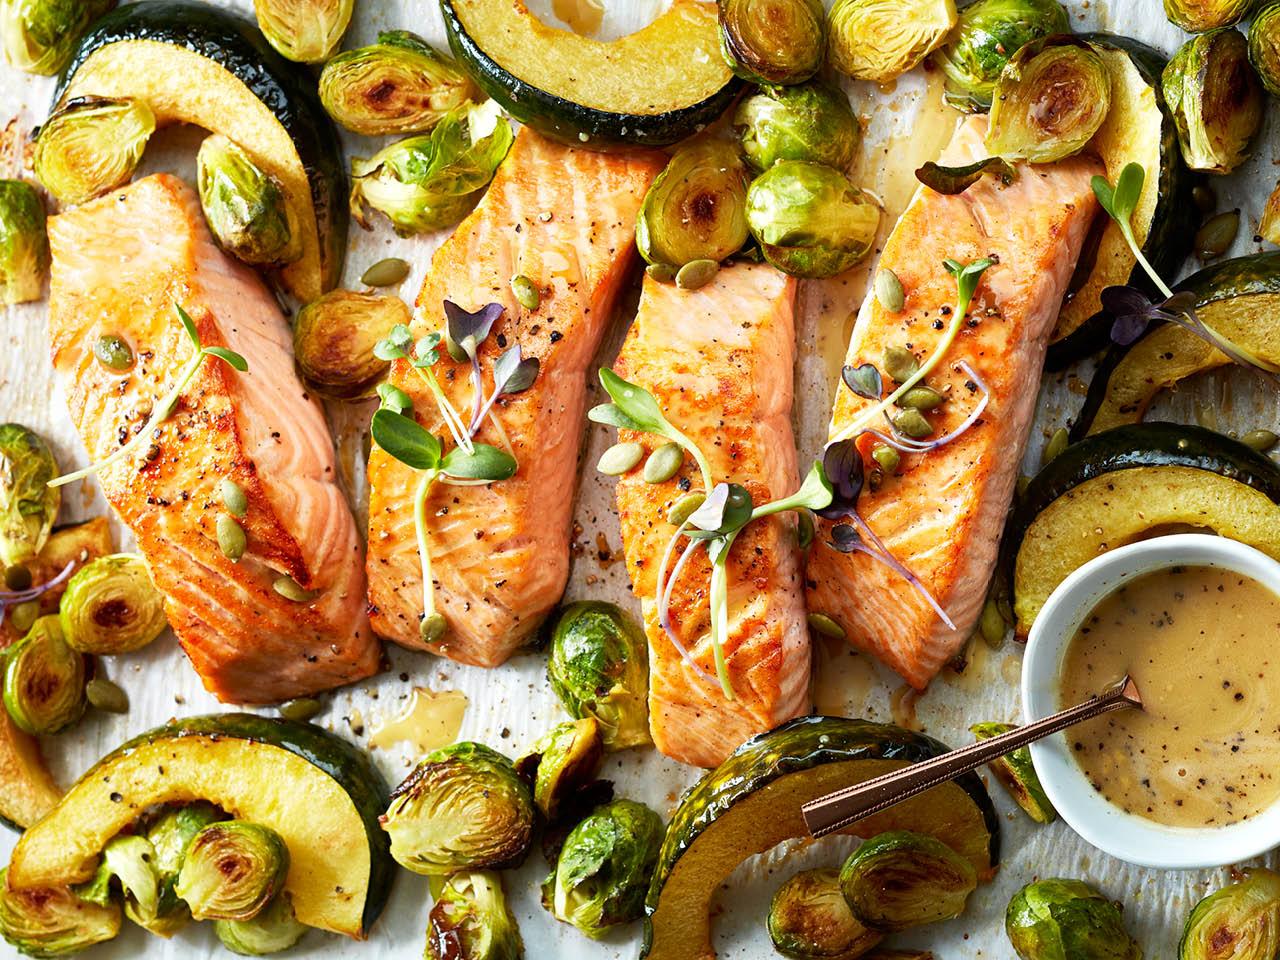 Une recette simple et rapide: choisissez un filet de saumon, mettez du jus de citron, un peu d'huile d'olive et du fenouil. Mettez-le au four à 180 degrés pendant 15 minutes et il sera prêt!